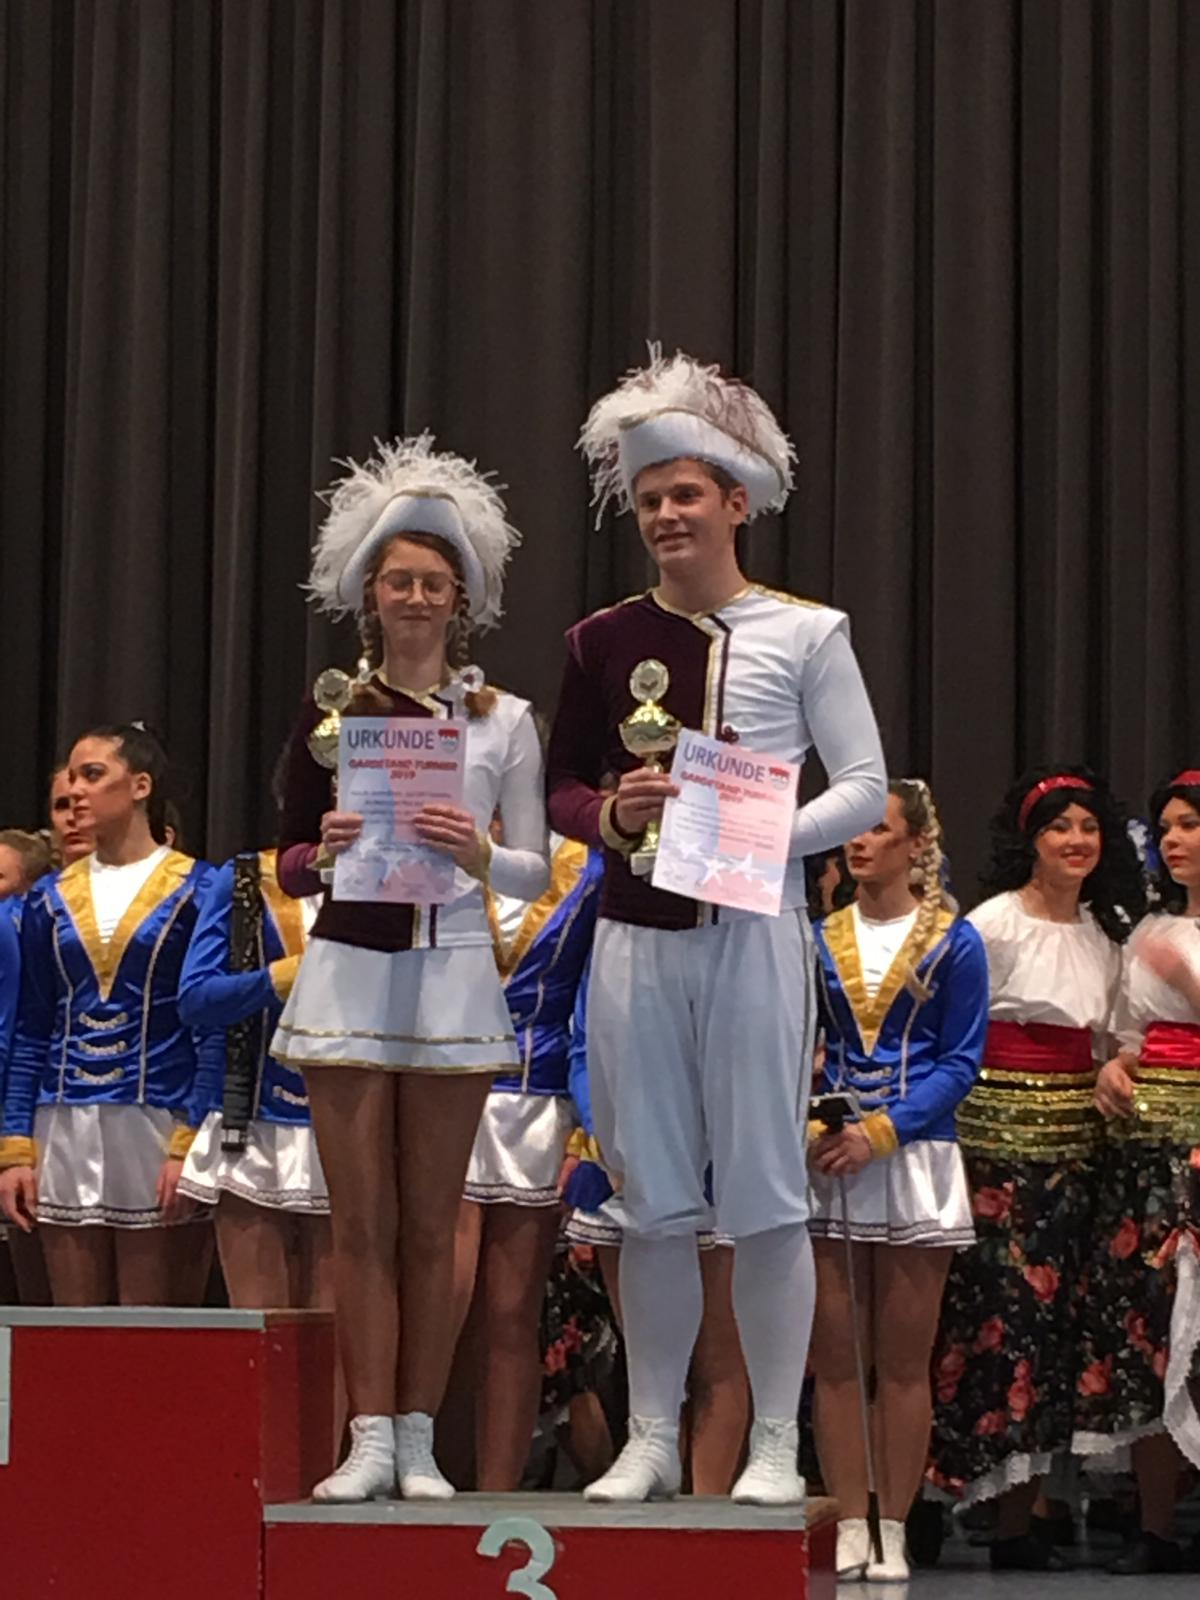 Tanzpaar beim Bundesoffenen Qualifikationsturnier 2019-01-06 1